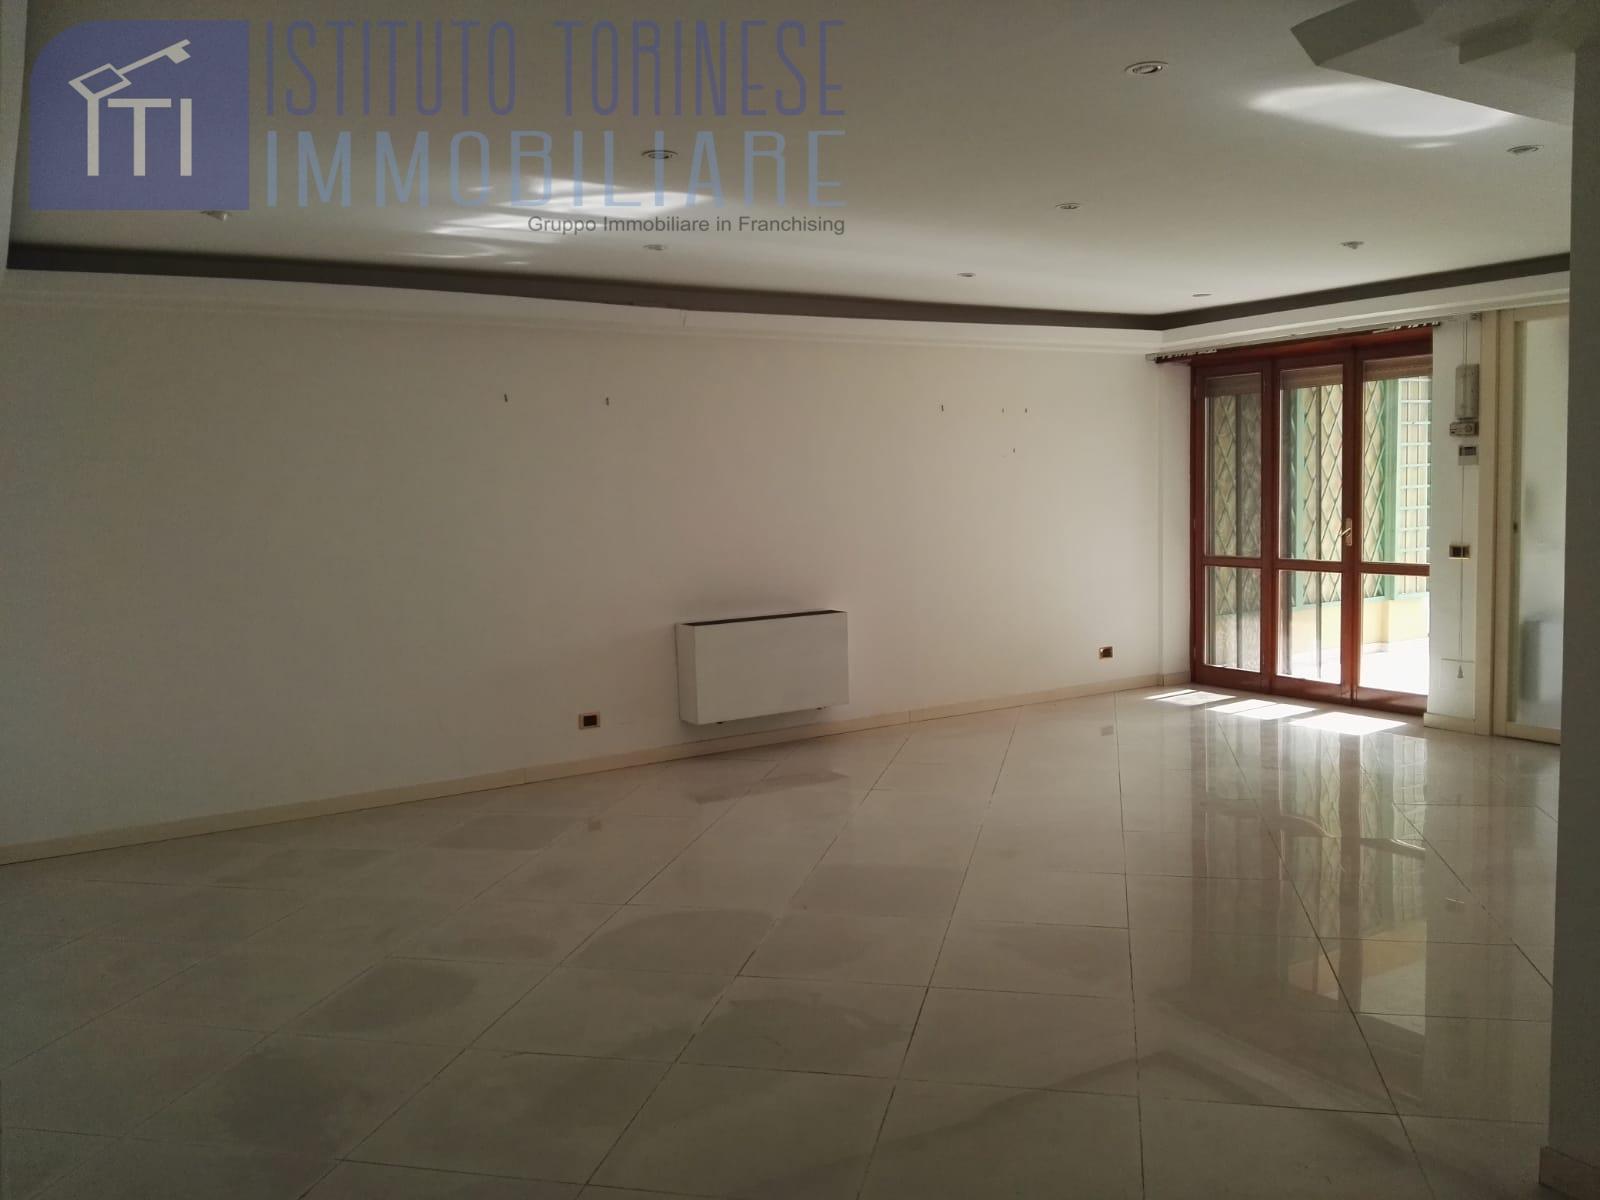 Appartamento in vendita a Latina, 3 locali, zona Località: Centrostorico, prezzo € 235.000 | CambioCasa.it